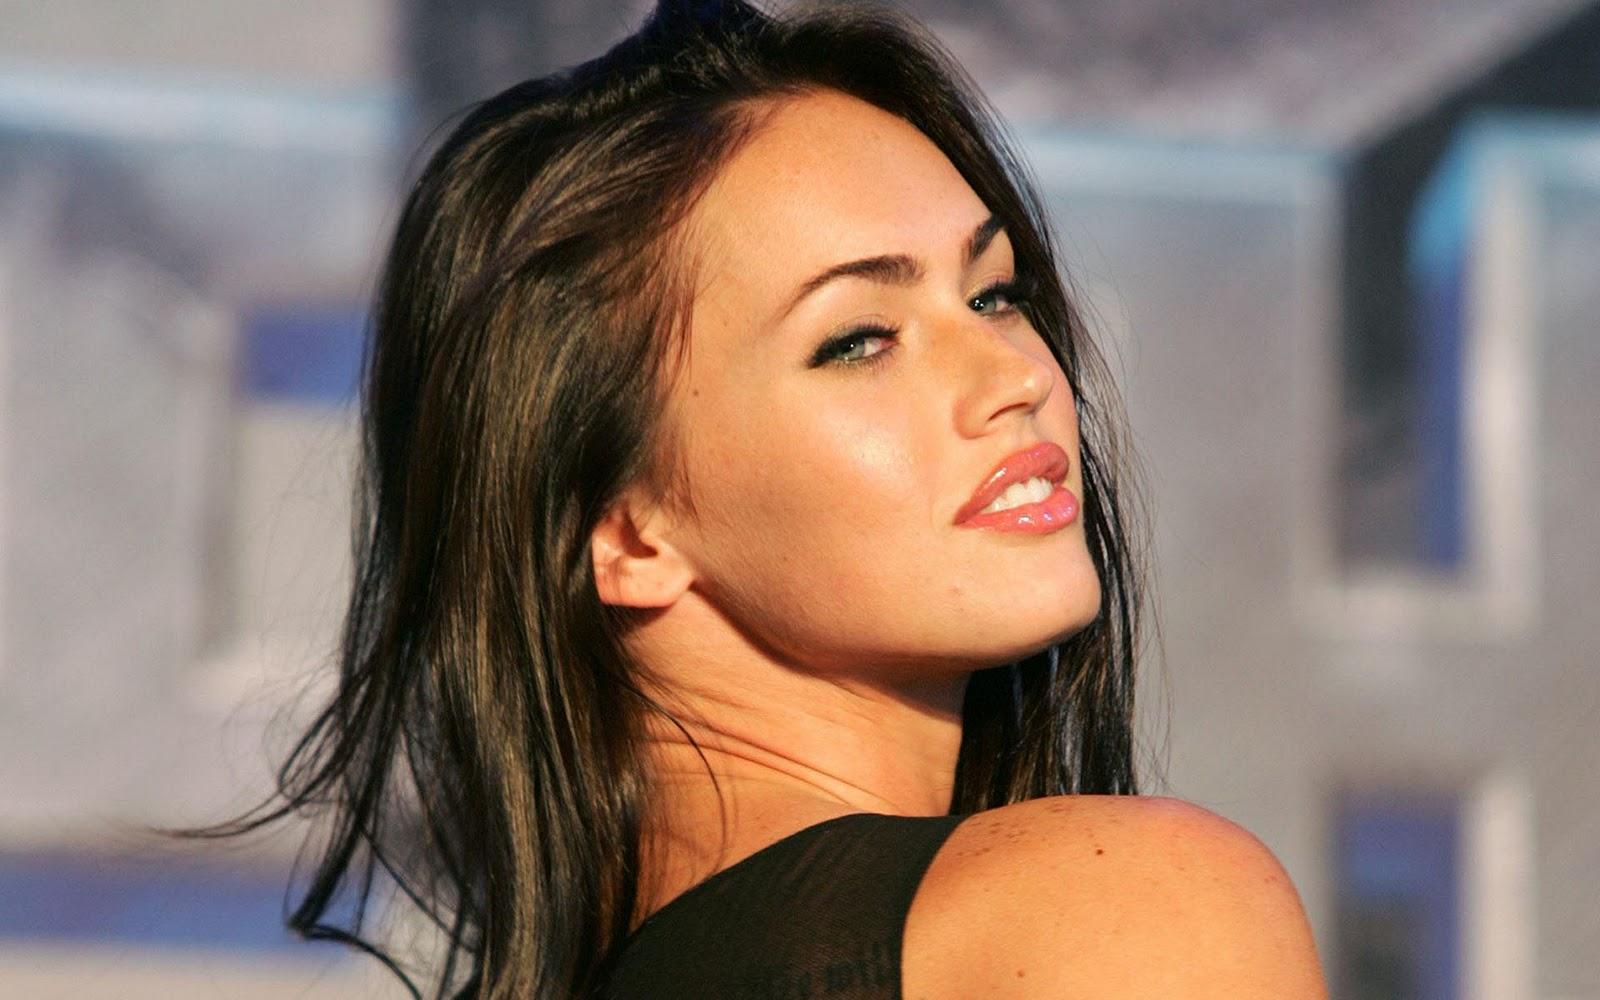 http://3.bp.blogspot.com/-lzRbORYIL10/TwWtjH3n1TI/AAAAAAAAAYE/59zoQSTwyQ4/s1600/Megan+Fox+01.jpg